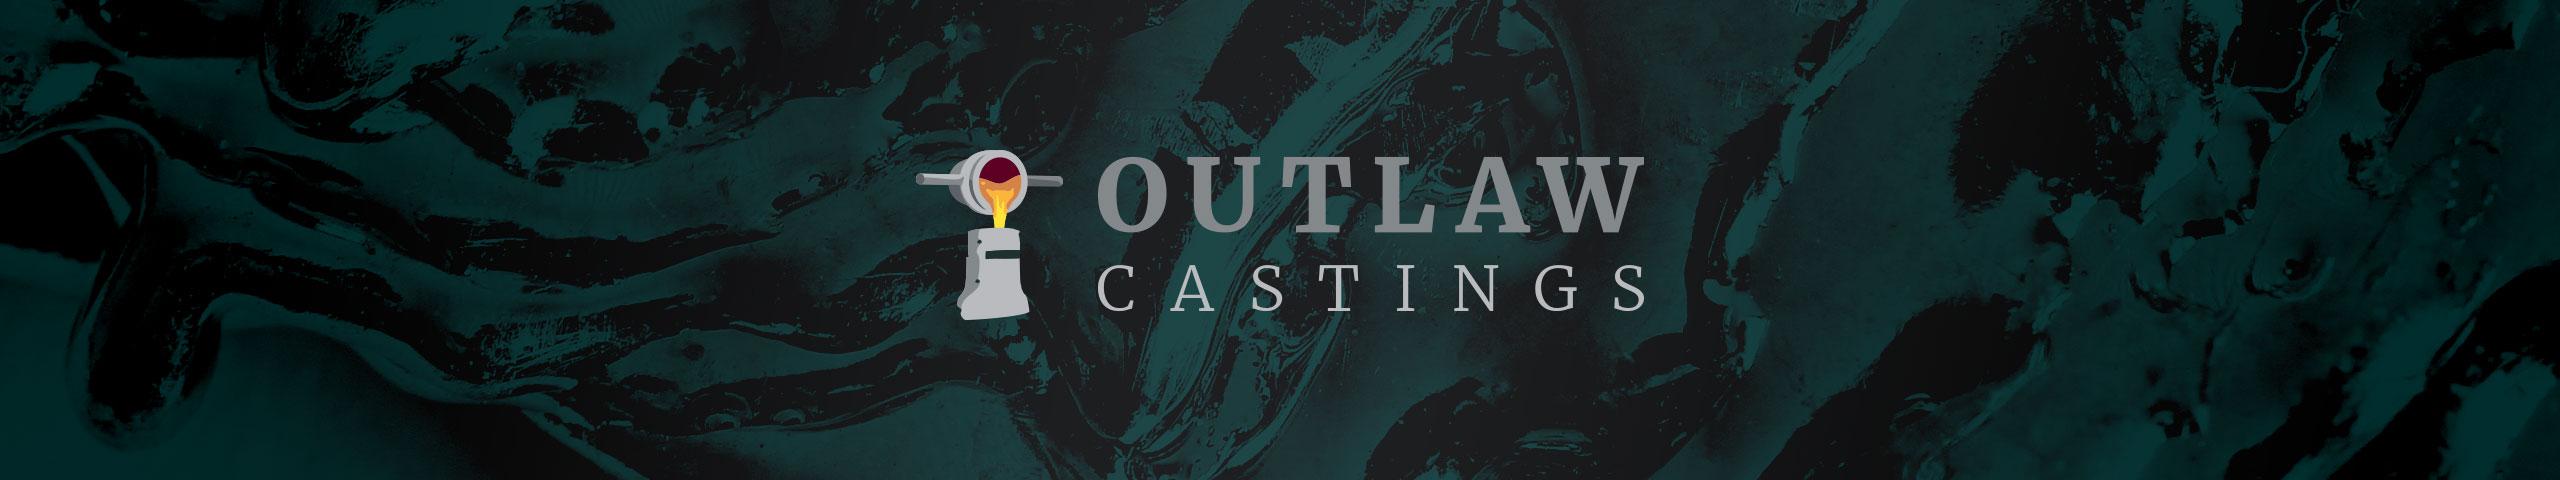 Outlaw Castings Logo Header